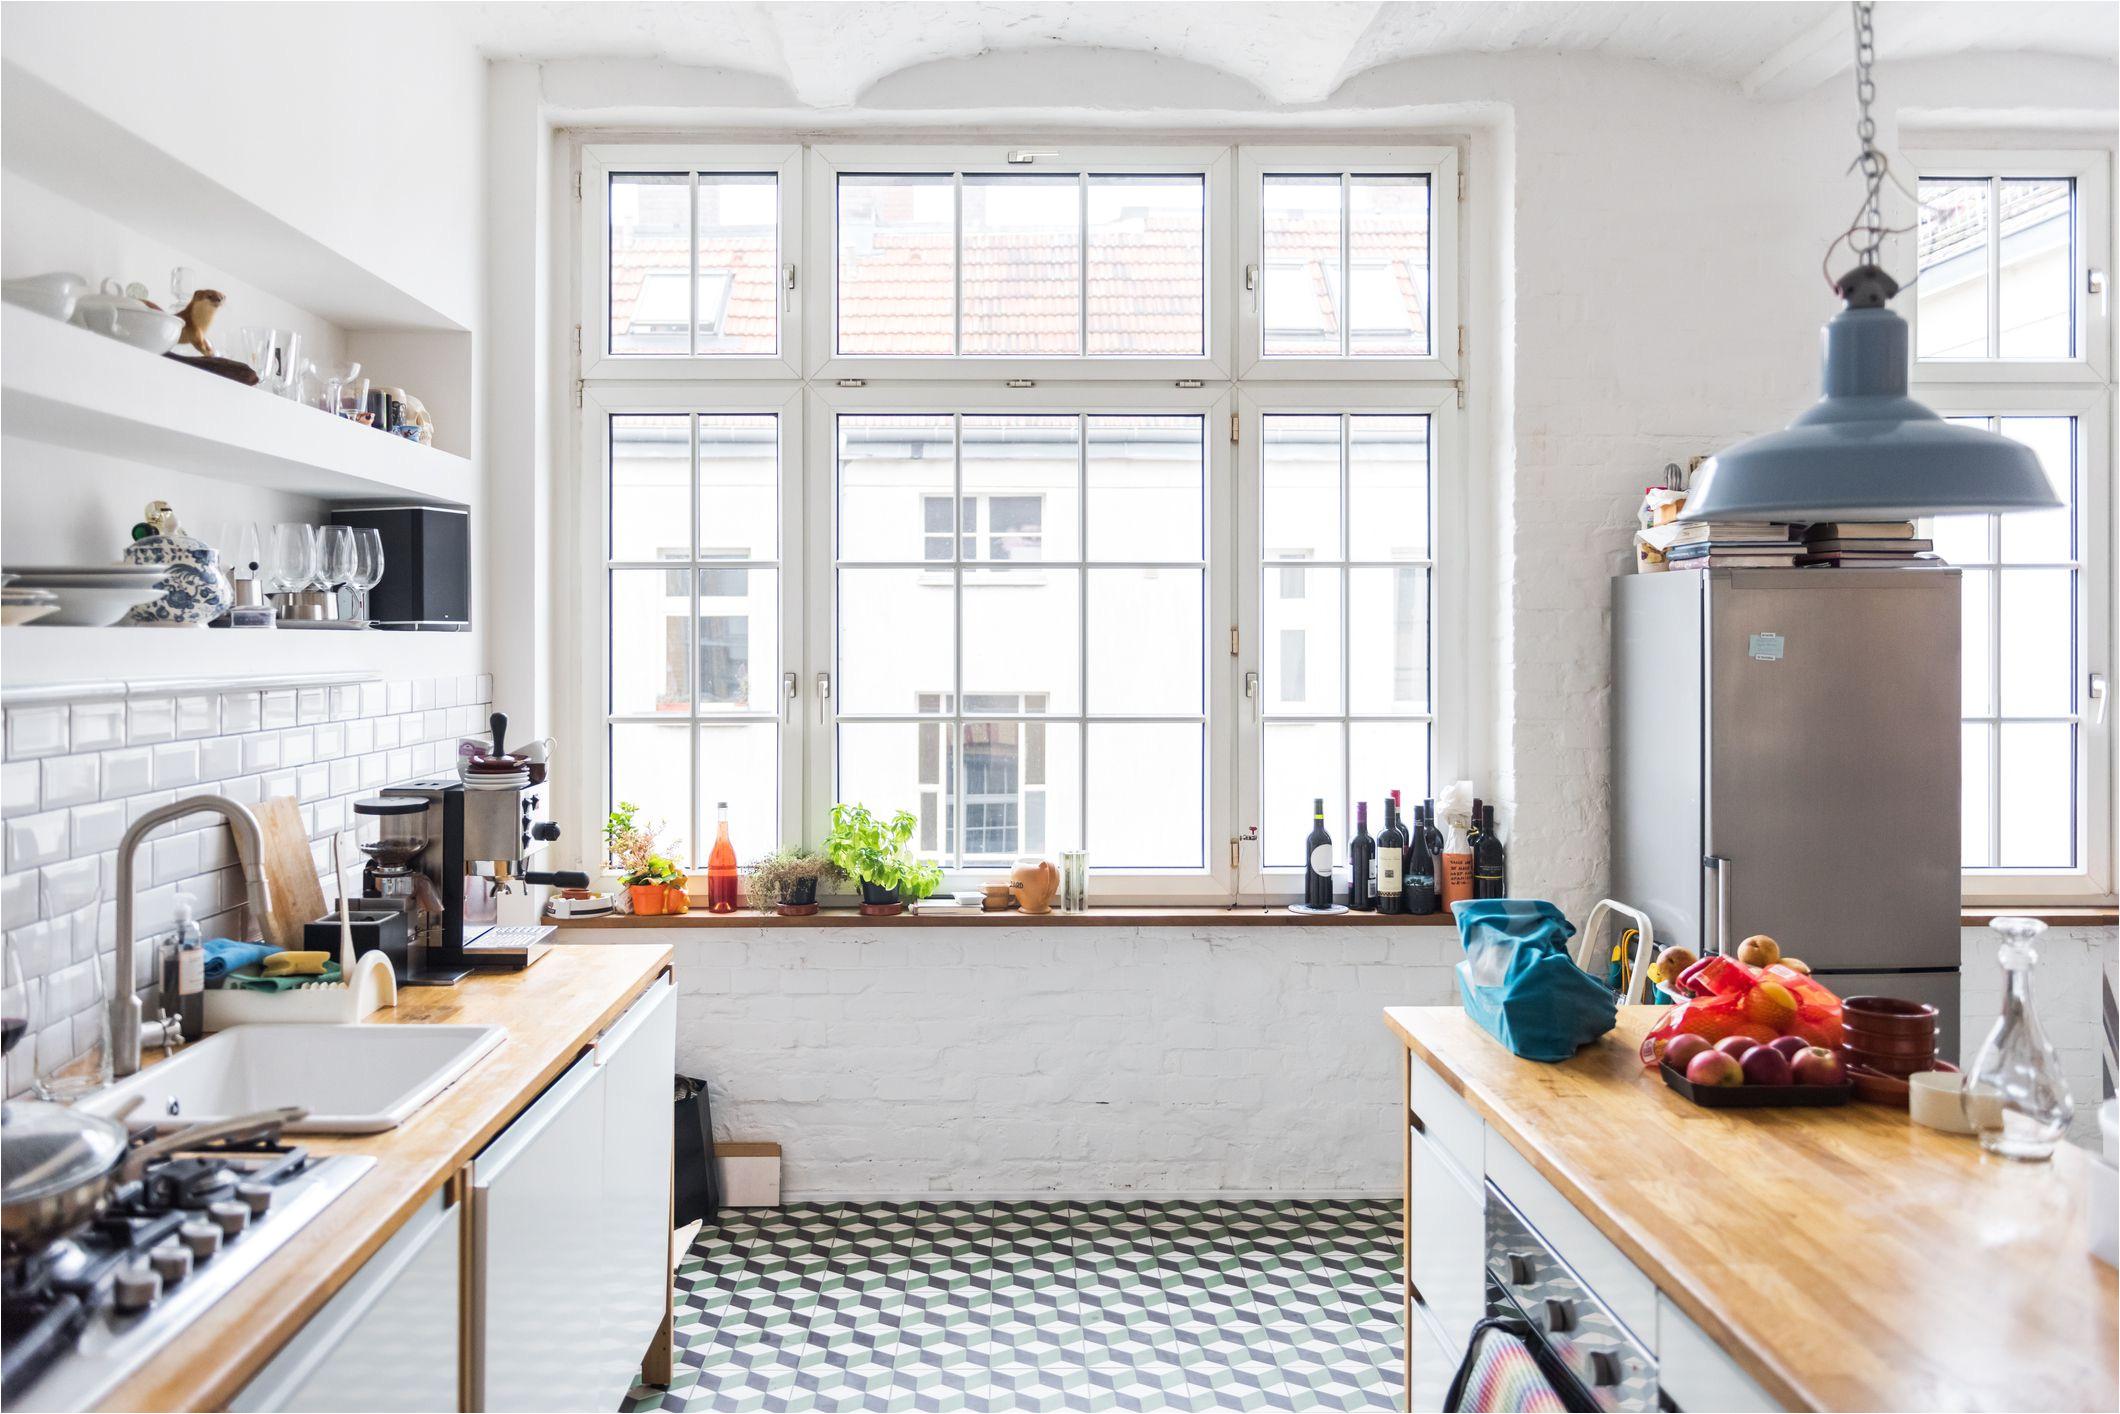 hinterhaus productions g kitchen 58ad070d5f9b58a3c9f321bf jpg